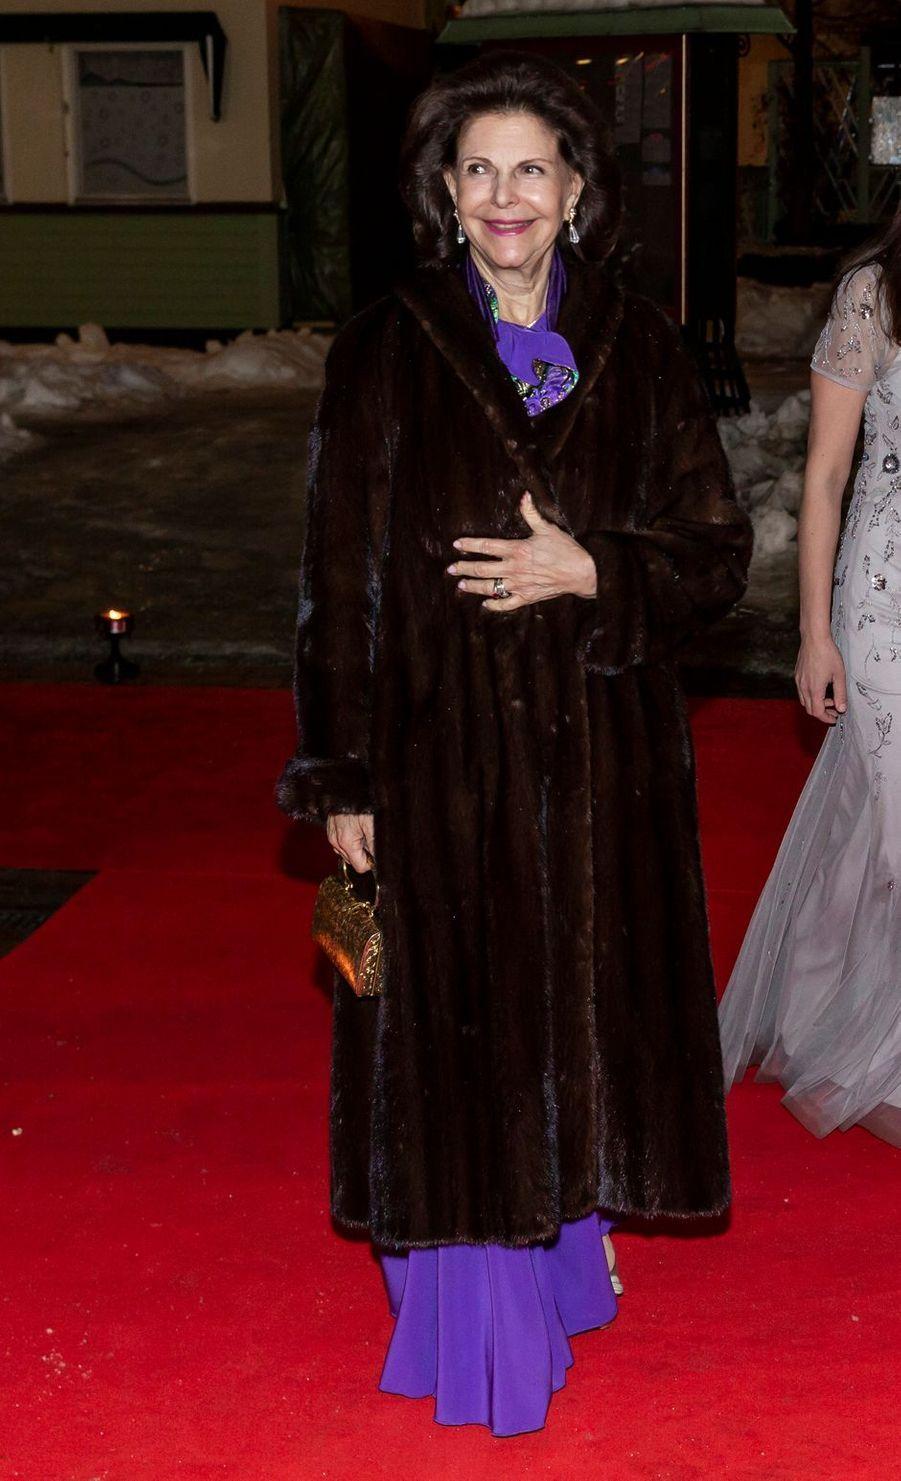 La reine Silvia de Suède à Stockholm, le 7 février 2019